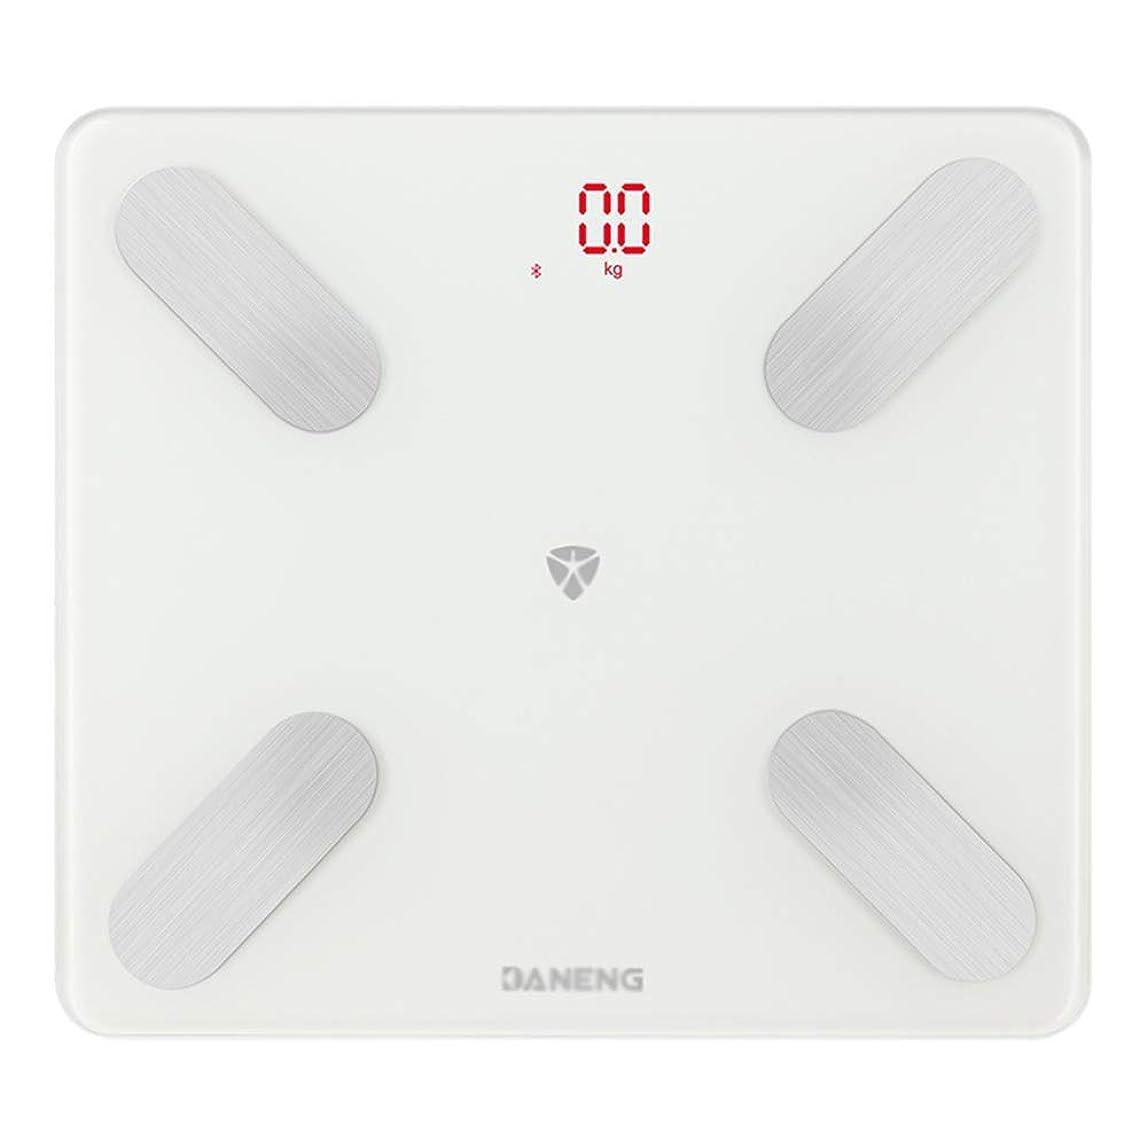 ファンド水陸両用キャラクタースマートBluetooth体脂肪計、 USB充電 デジタルバスルームスケールを測定する高精度健康スケールBMI体組成計、LCDバックライトディスプレイ